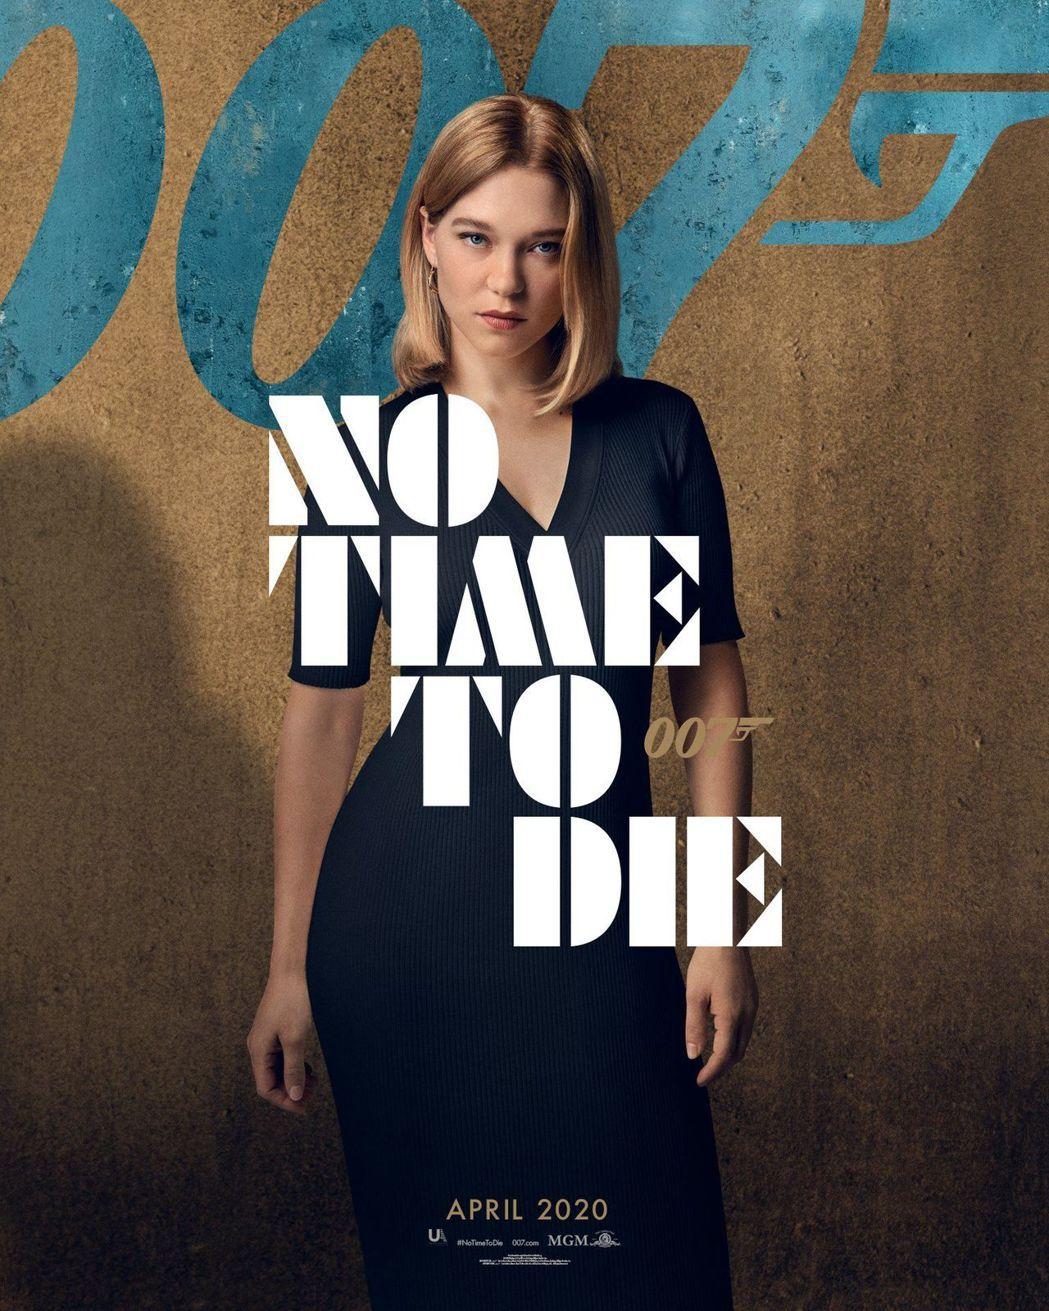 蕾雅瑟杜將在「007生死交戰」繼續扮演詹姆斯龐德的情人。圖/UIP提供